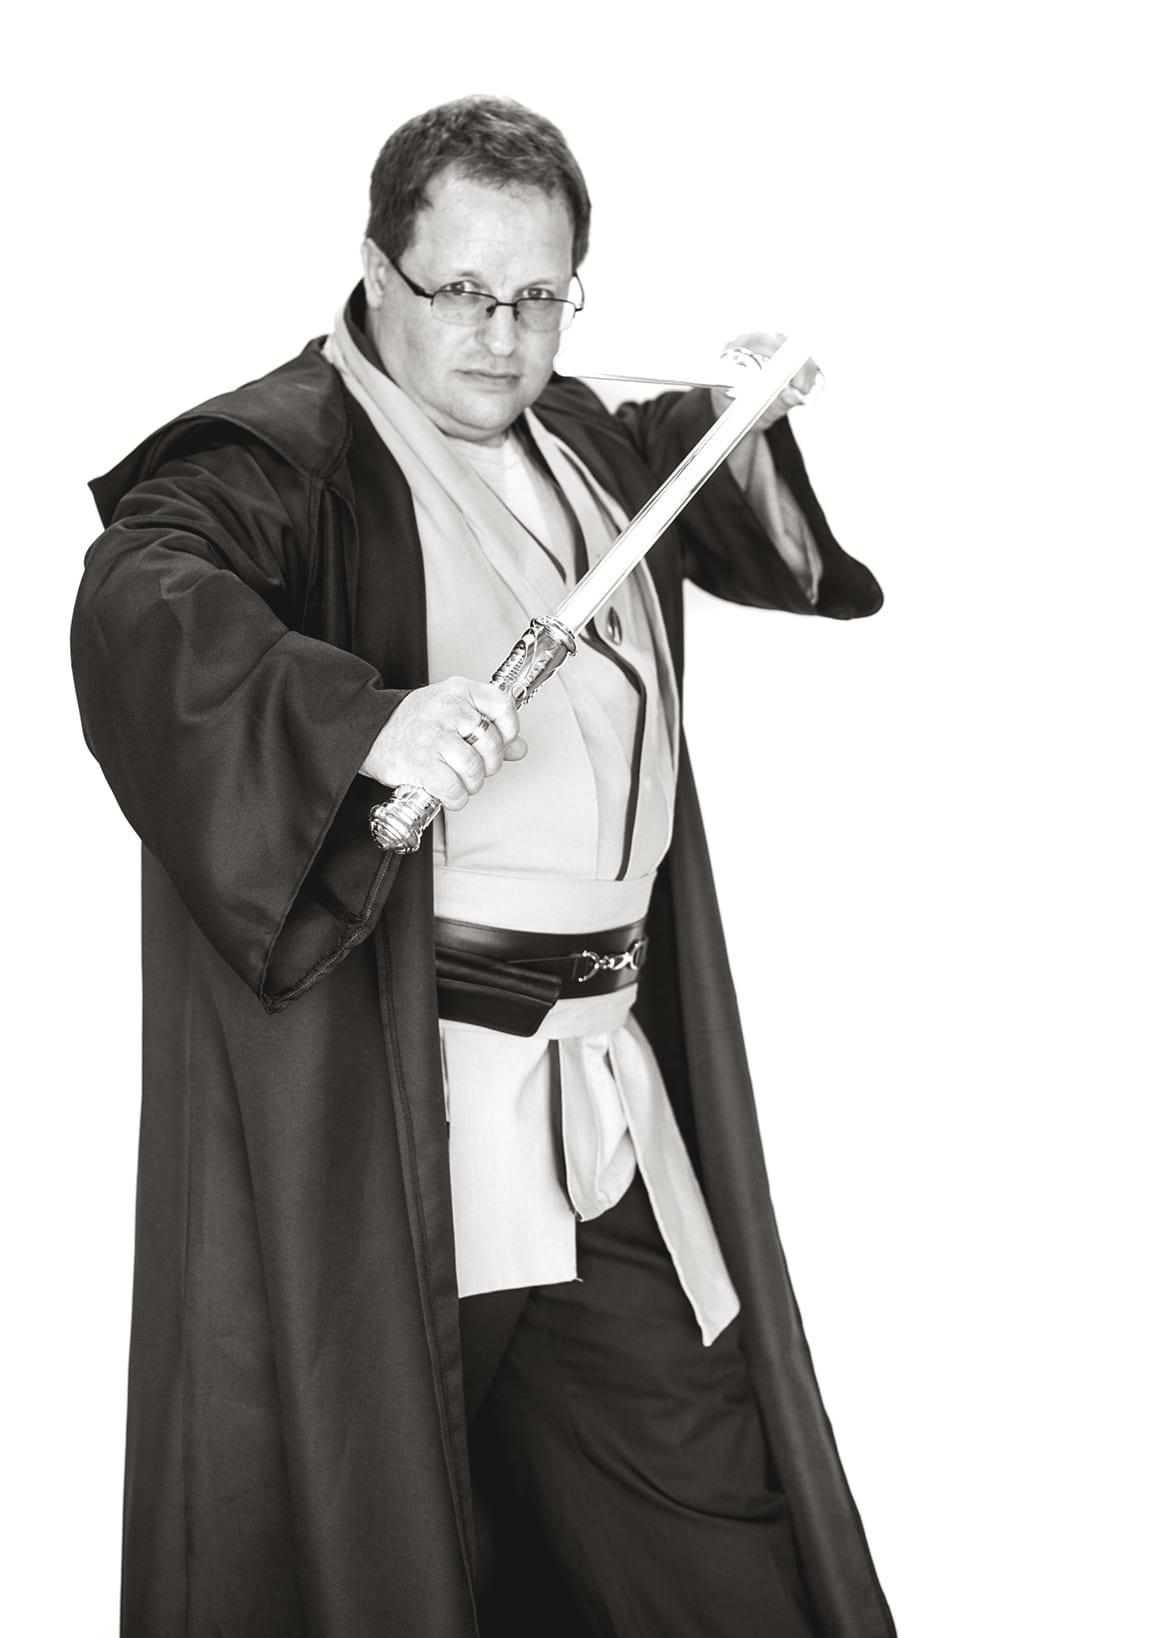 Anthony Fletcher Jedi based on Obi-Wan Kenobi